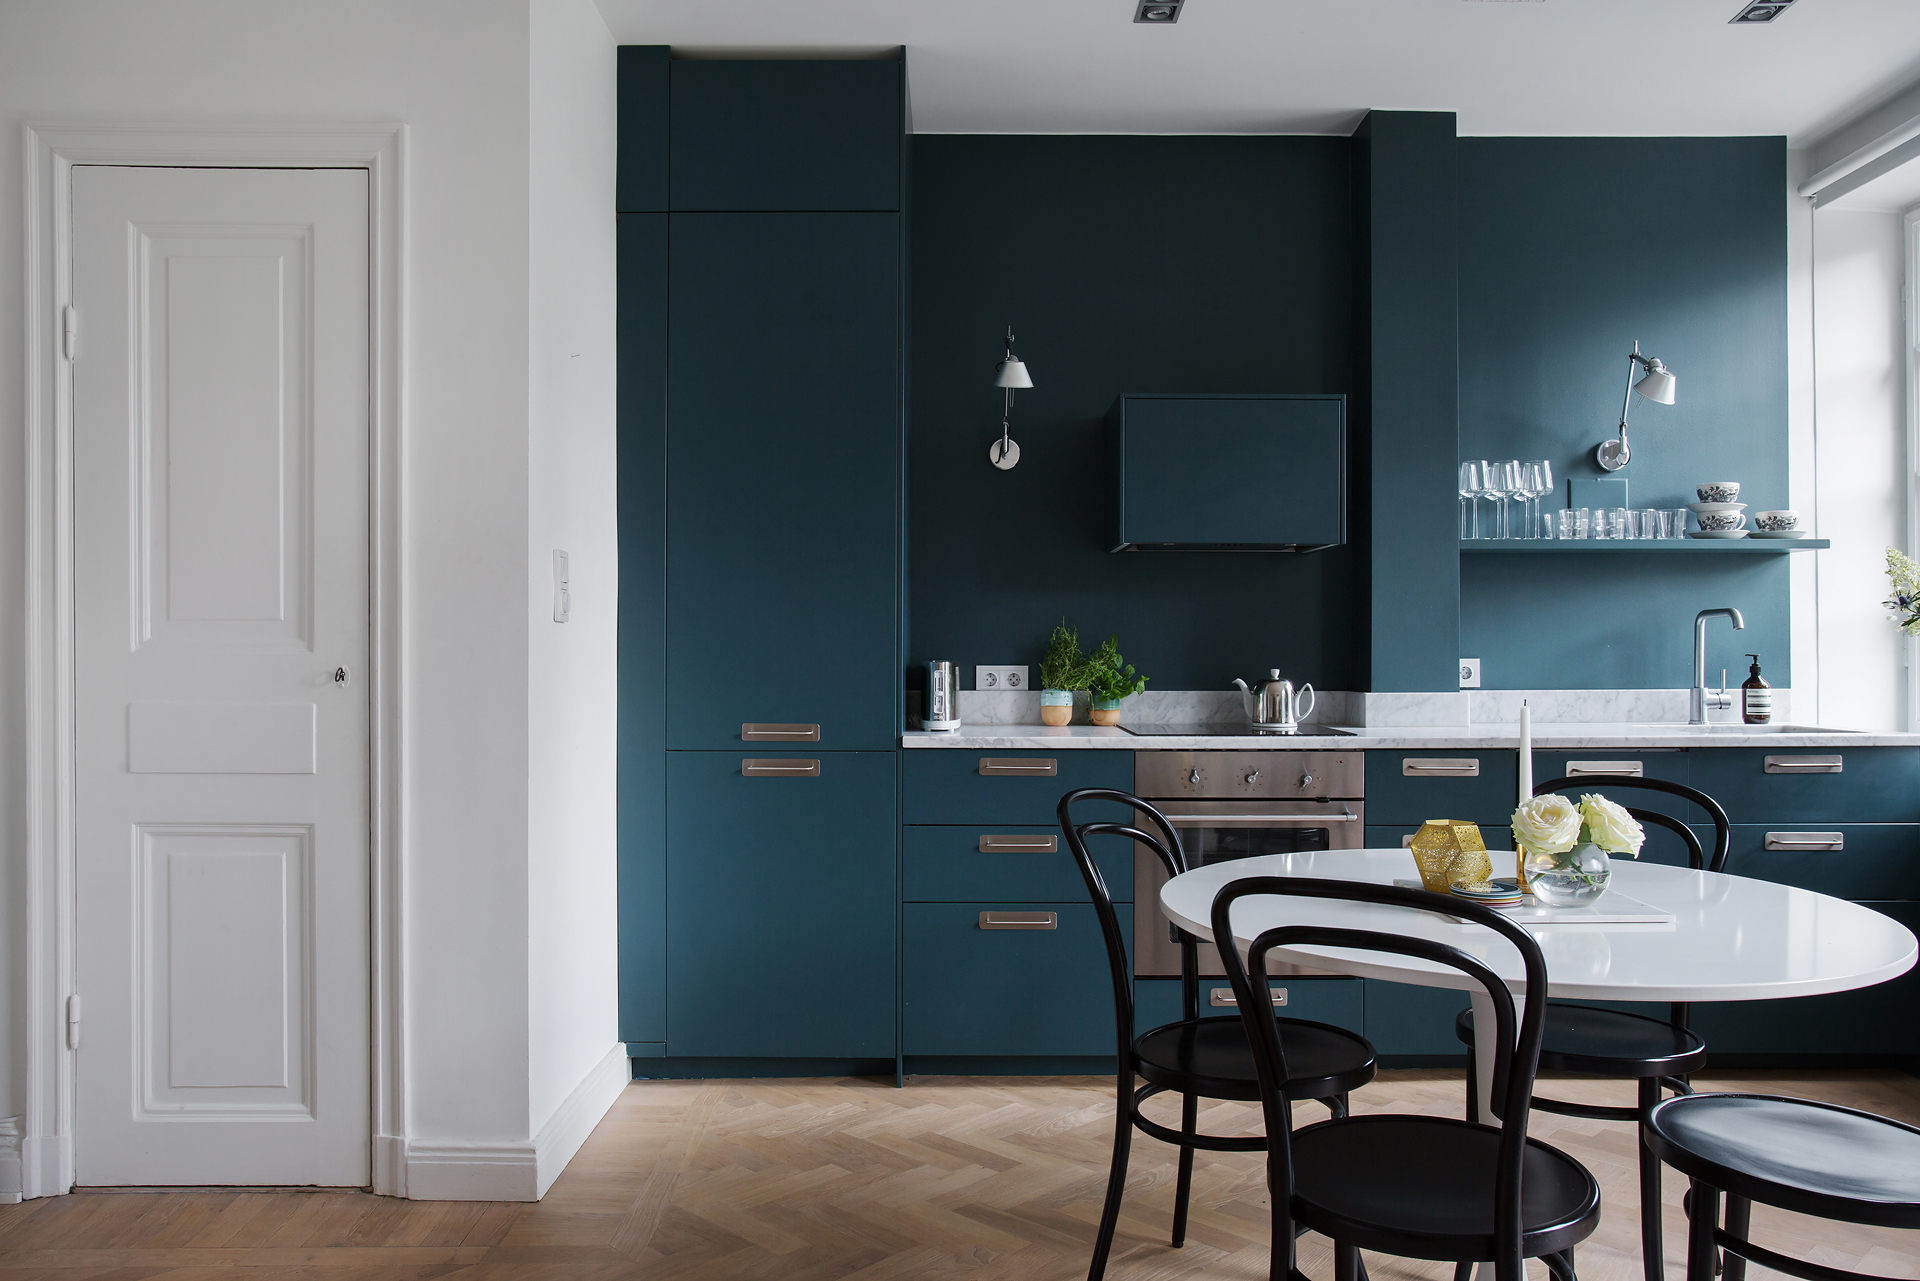 Bonito Cocina Pintura De Color Azul Oscuro Ornamento - Ideas de ...